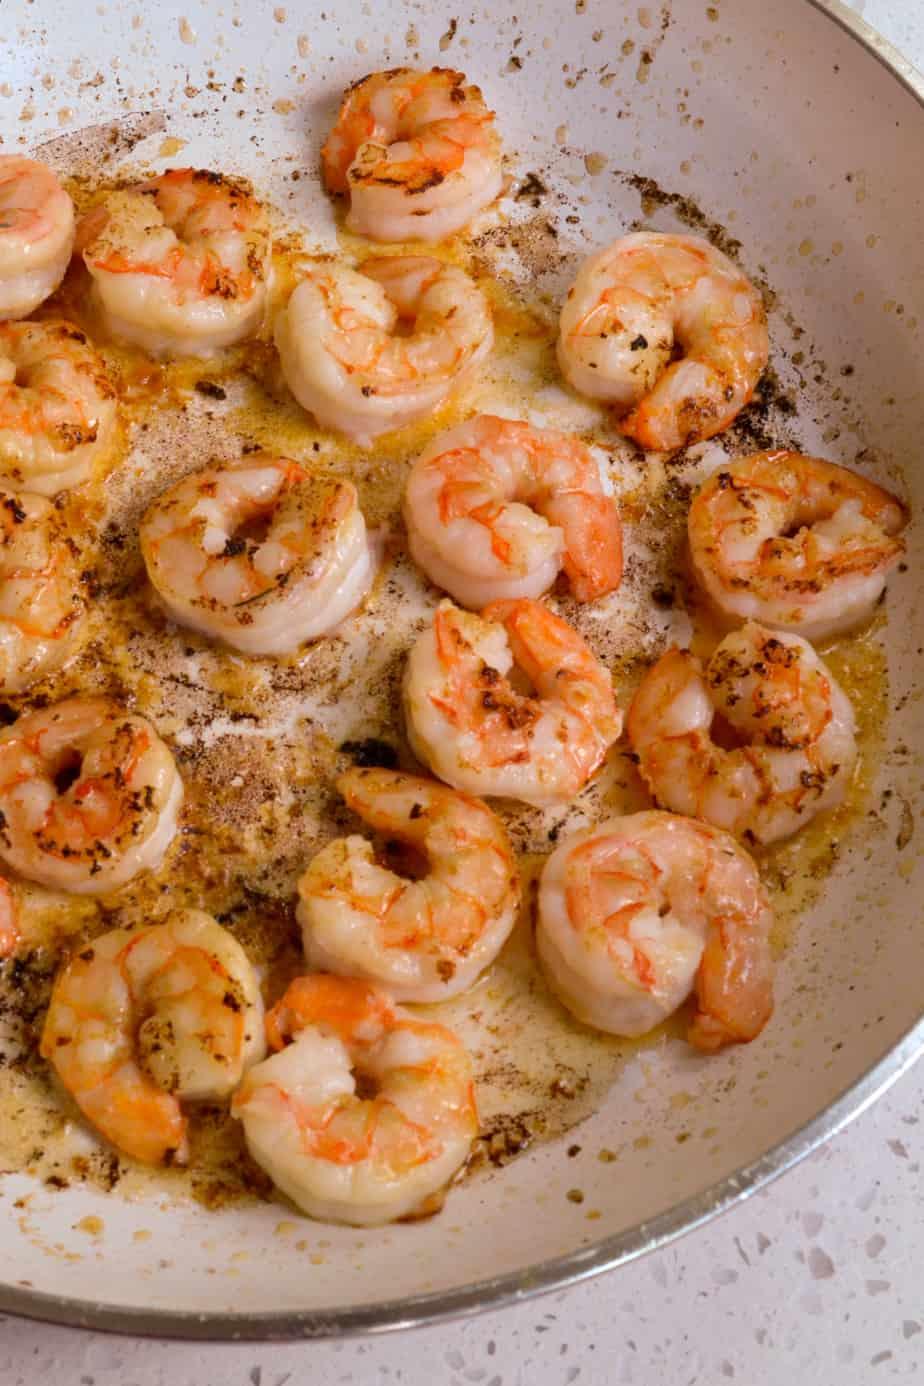 Sauté the shrimp for 1 1/2-2 minutes per side.